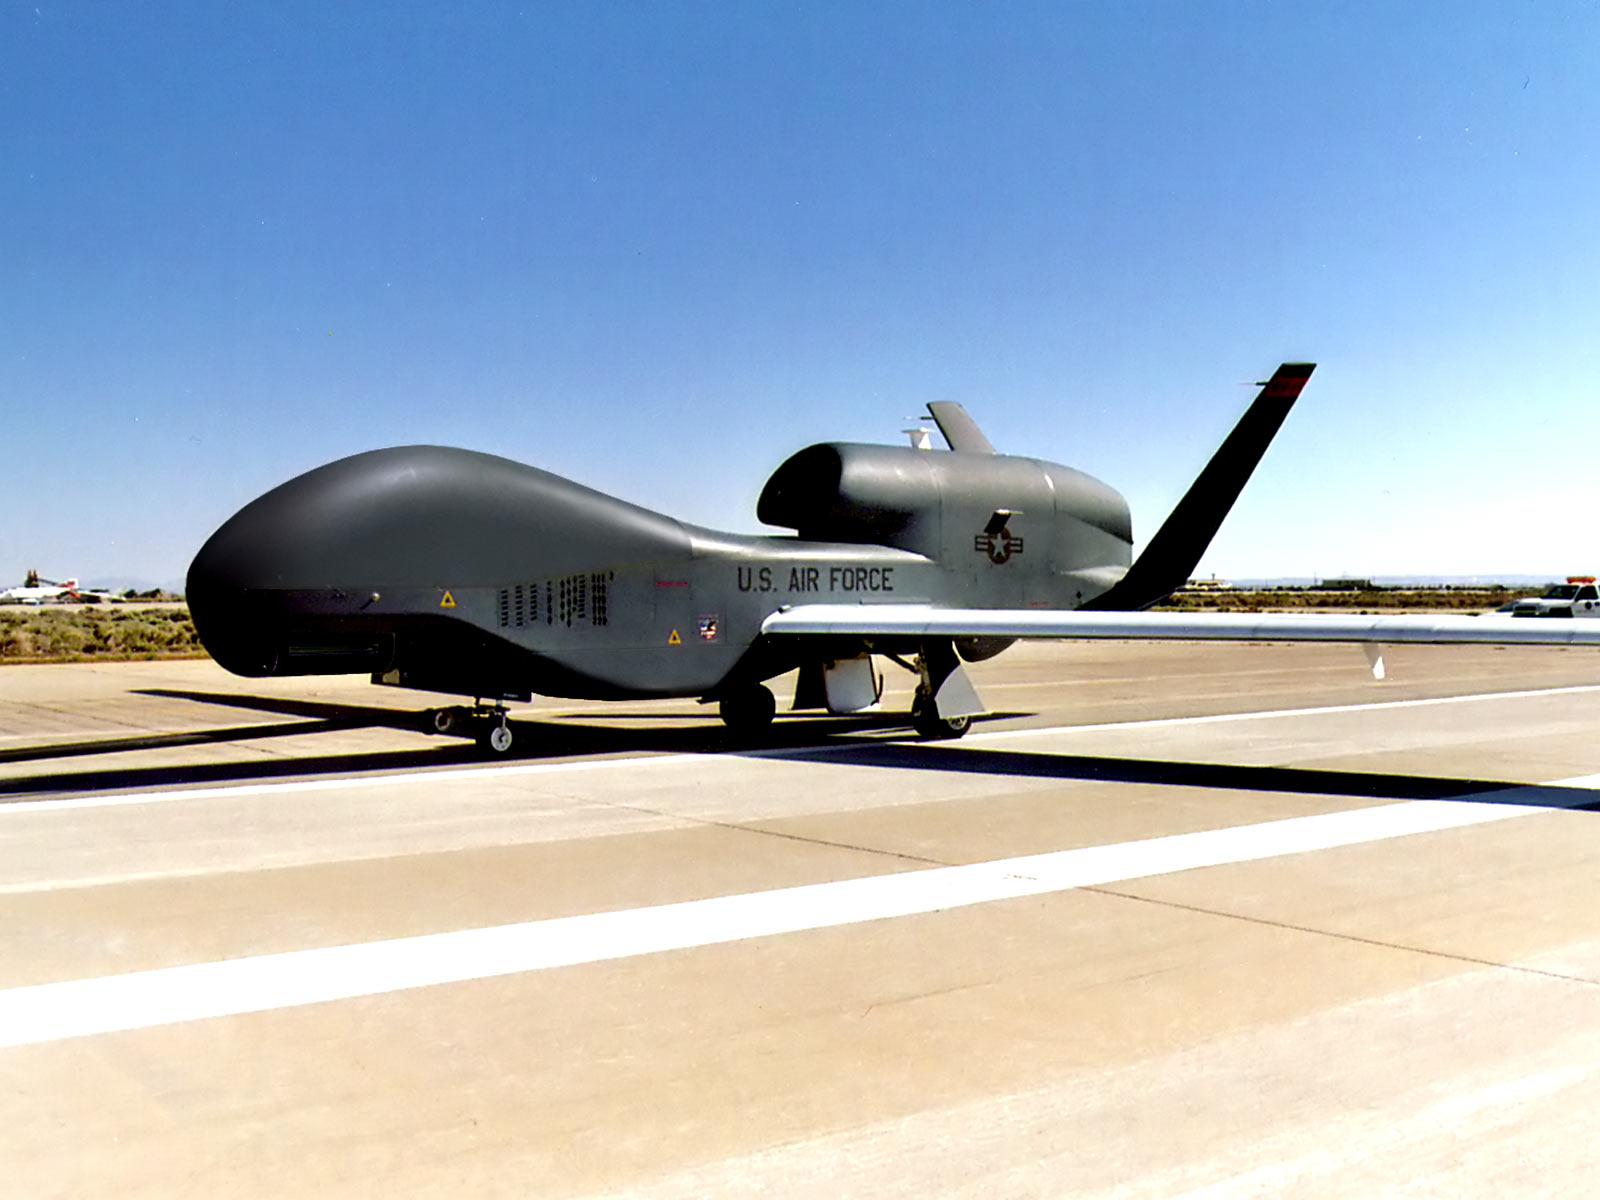 http://2.bp.blogspot.com/-IPvDaRLf--o/T4UbX0JQK6I/AAAAAAAAQFM/39-6LgjiuOM/s1600/-aircraft%2B_wallpaper--0009.jpg